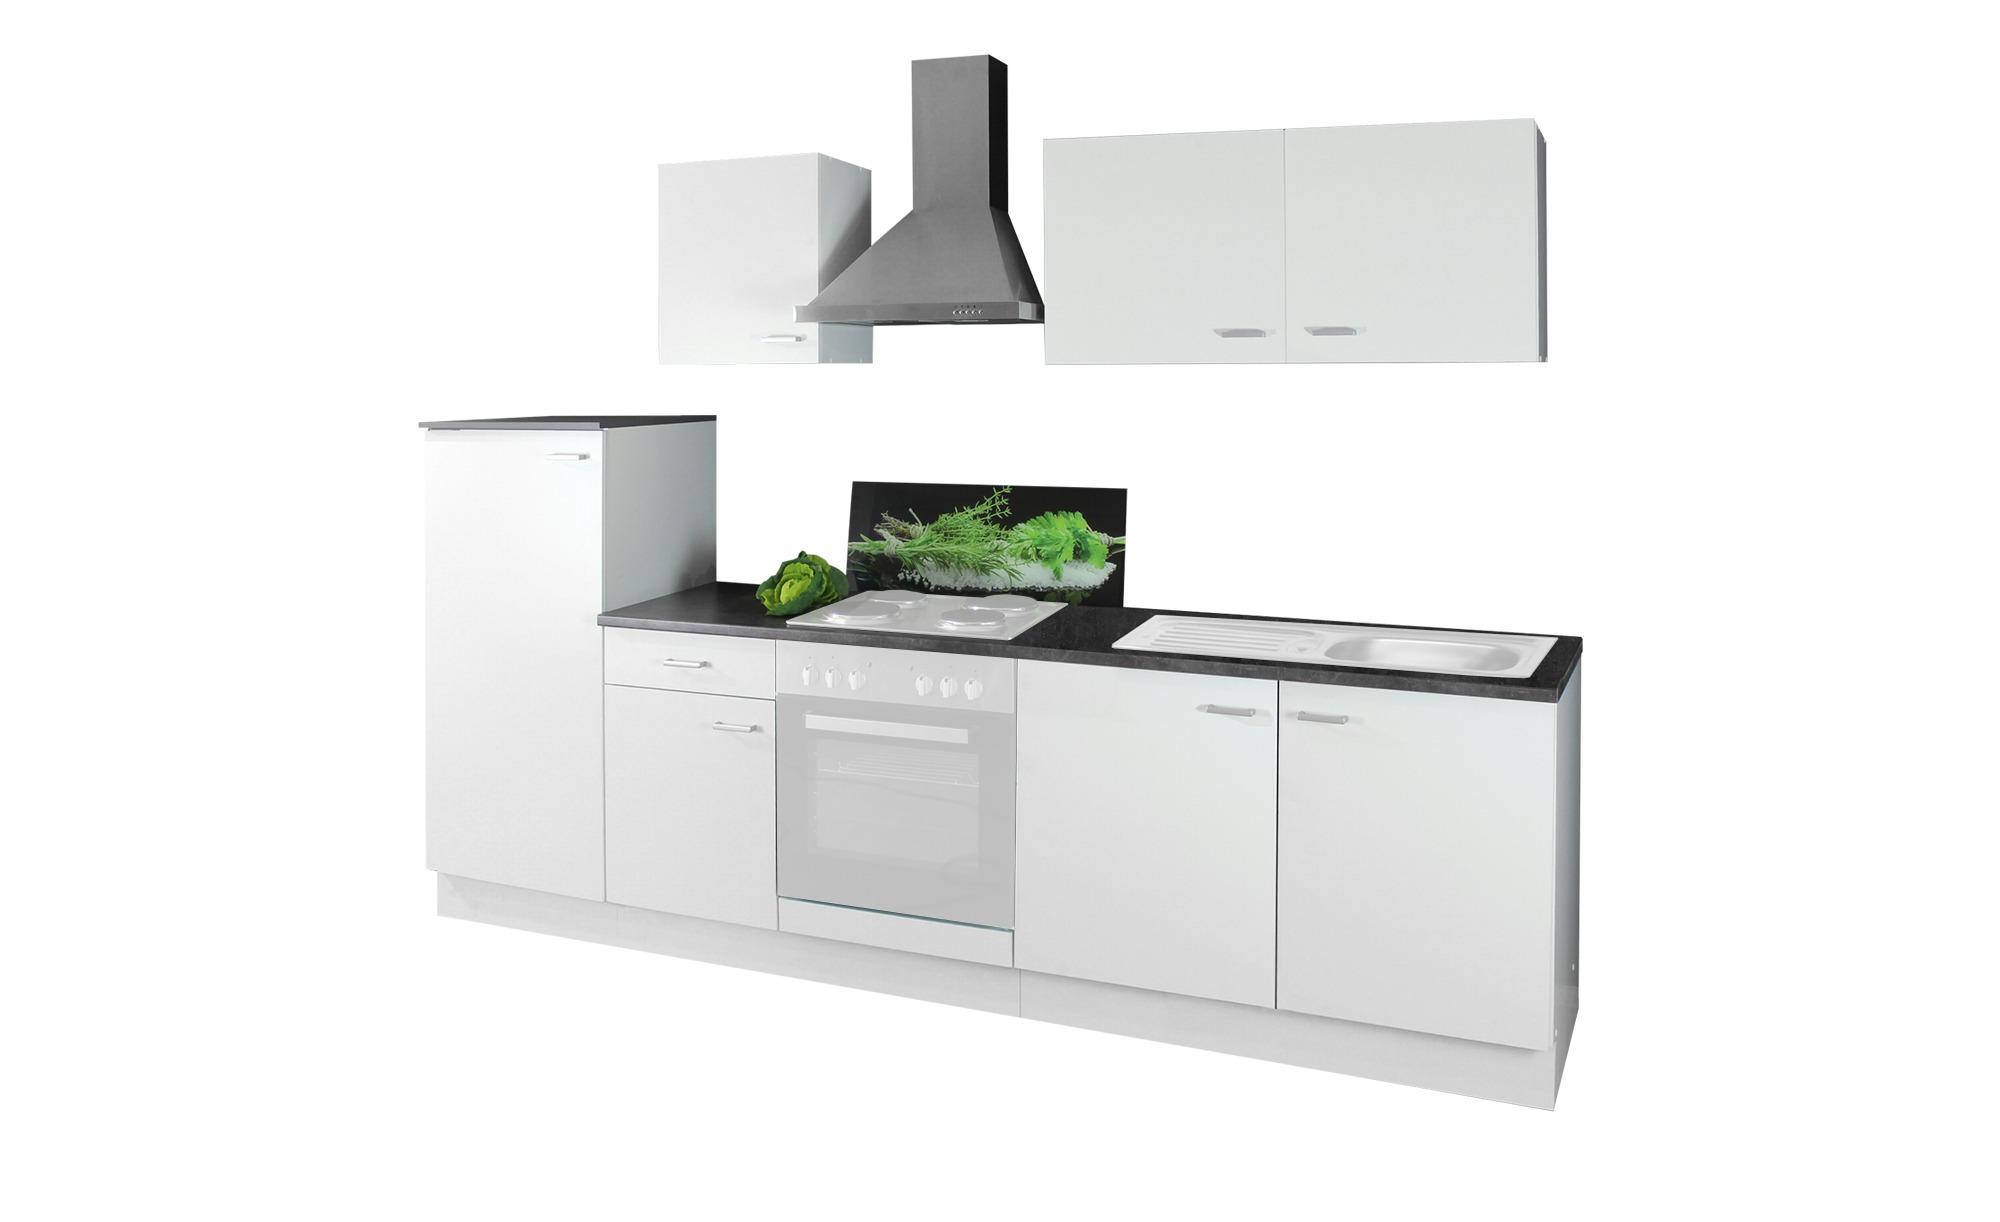 Küchenblock Ohne Elektrogeräte Germany Sconto Der Möbelmarkt